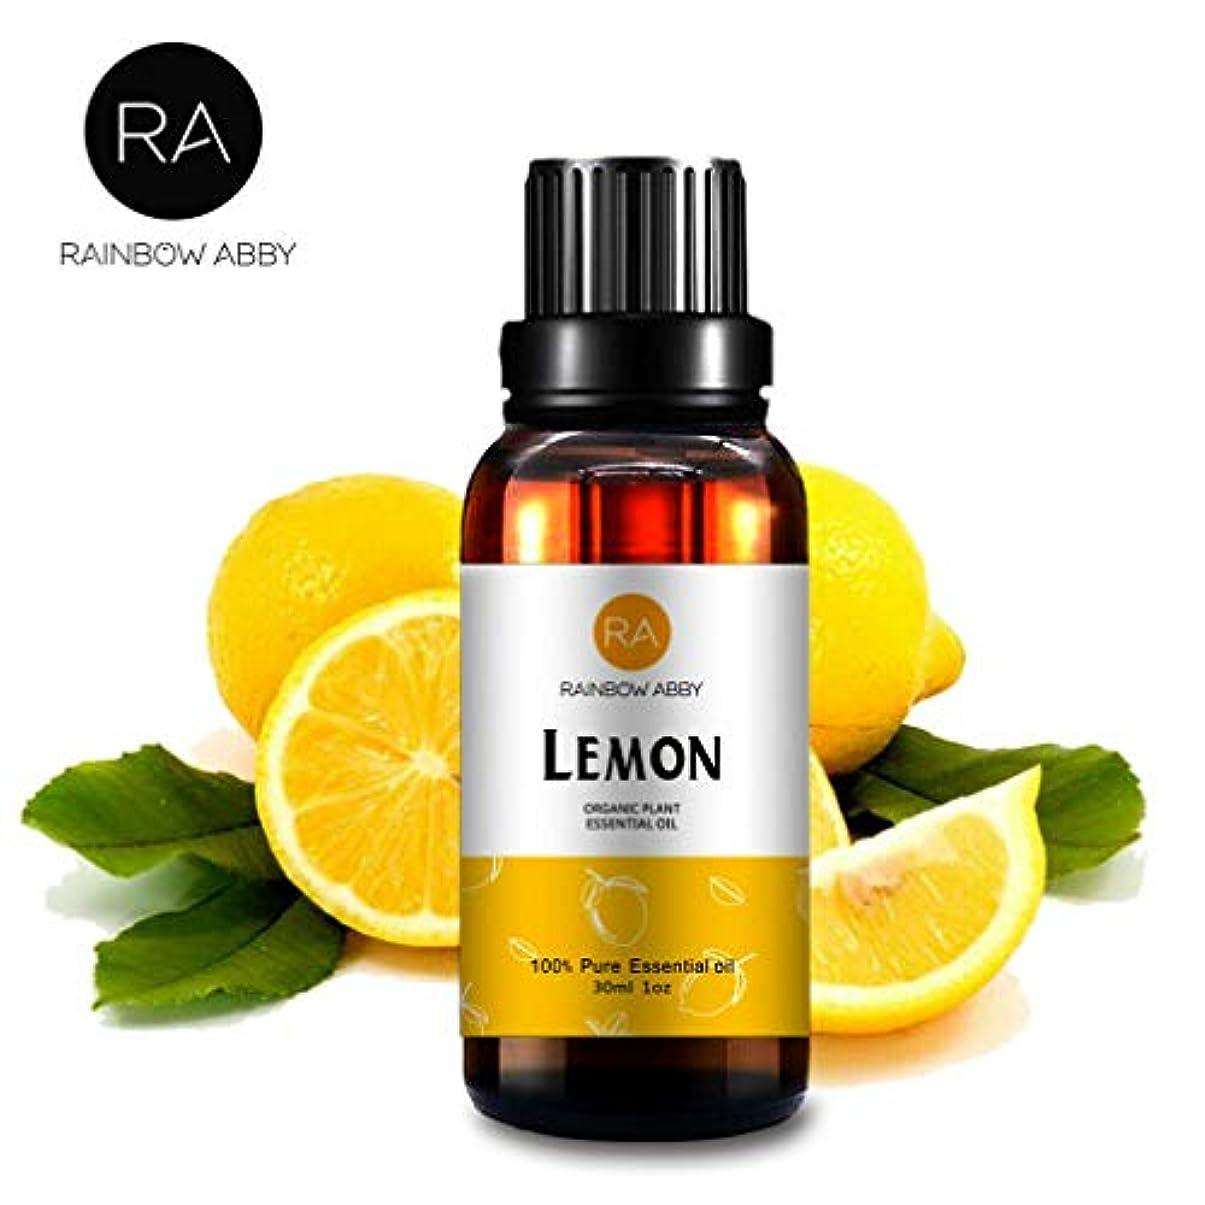 解放同時スケルトンRAINBOW ABBY レモンエッセンシャル オイル ディフューザー アロマ セラピー オイル (30ML/1oz) 100% ピュアオーガニック 植物 エキスレモン オイル